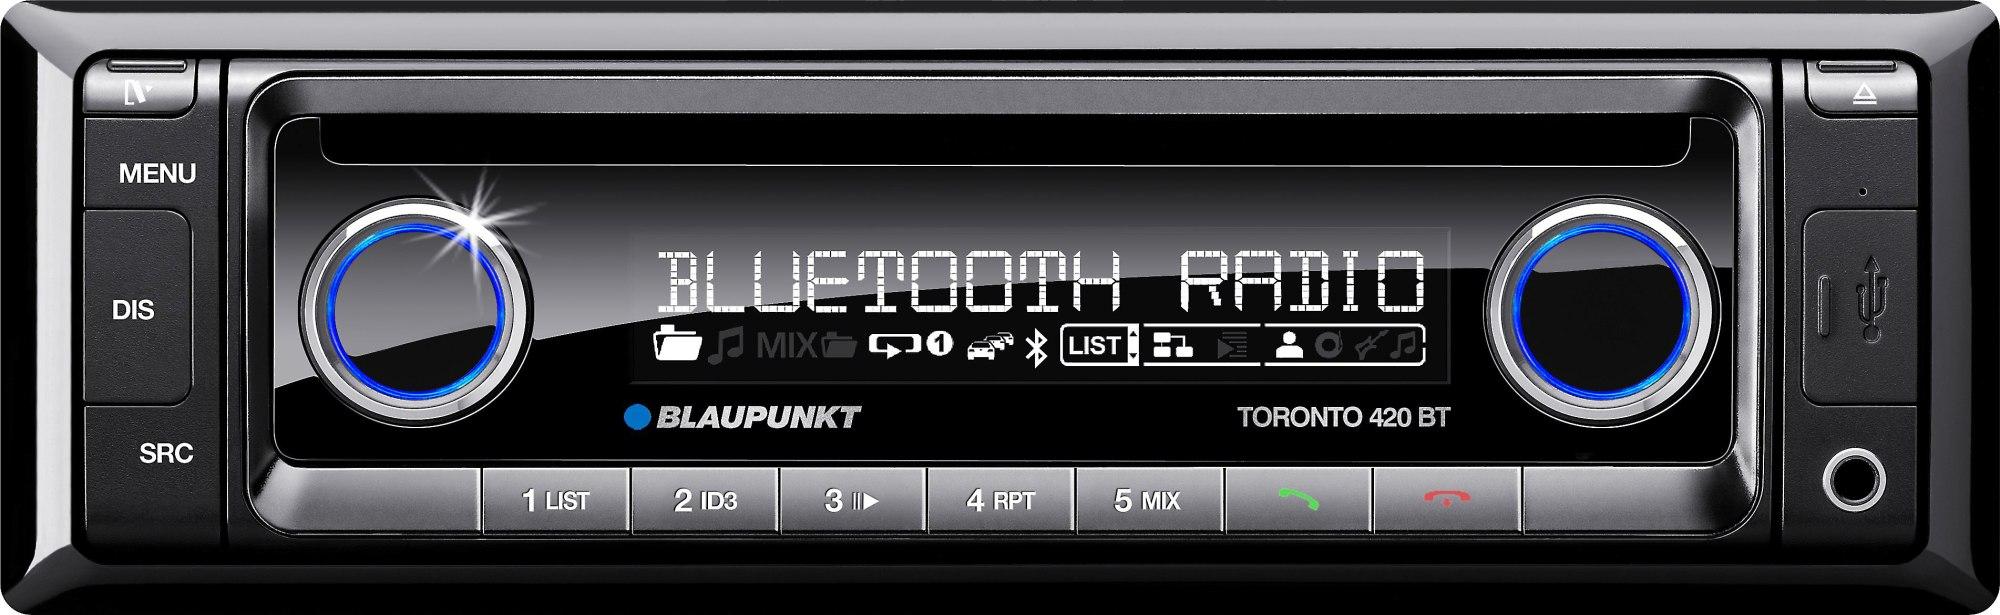 hight resolution of blaupunkt toronto 420 bt cd receiver at crutchfield com blaupunkt 420 bt wiring diagram